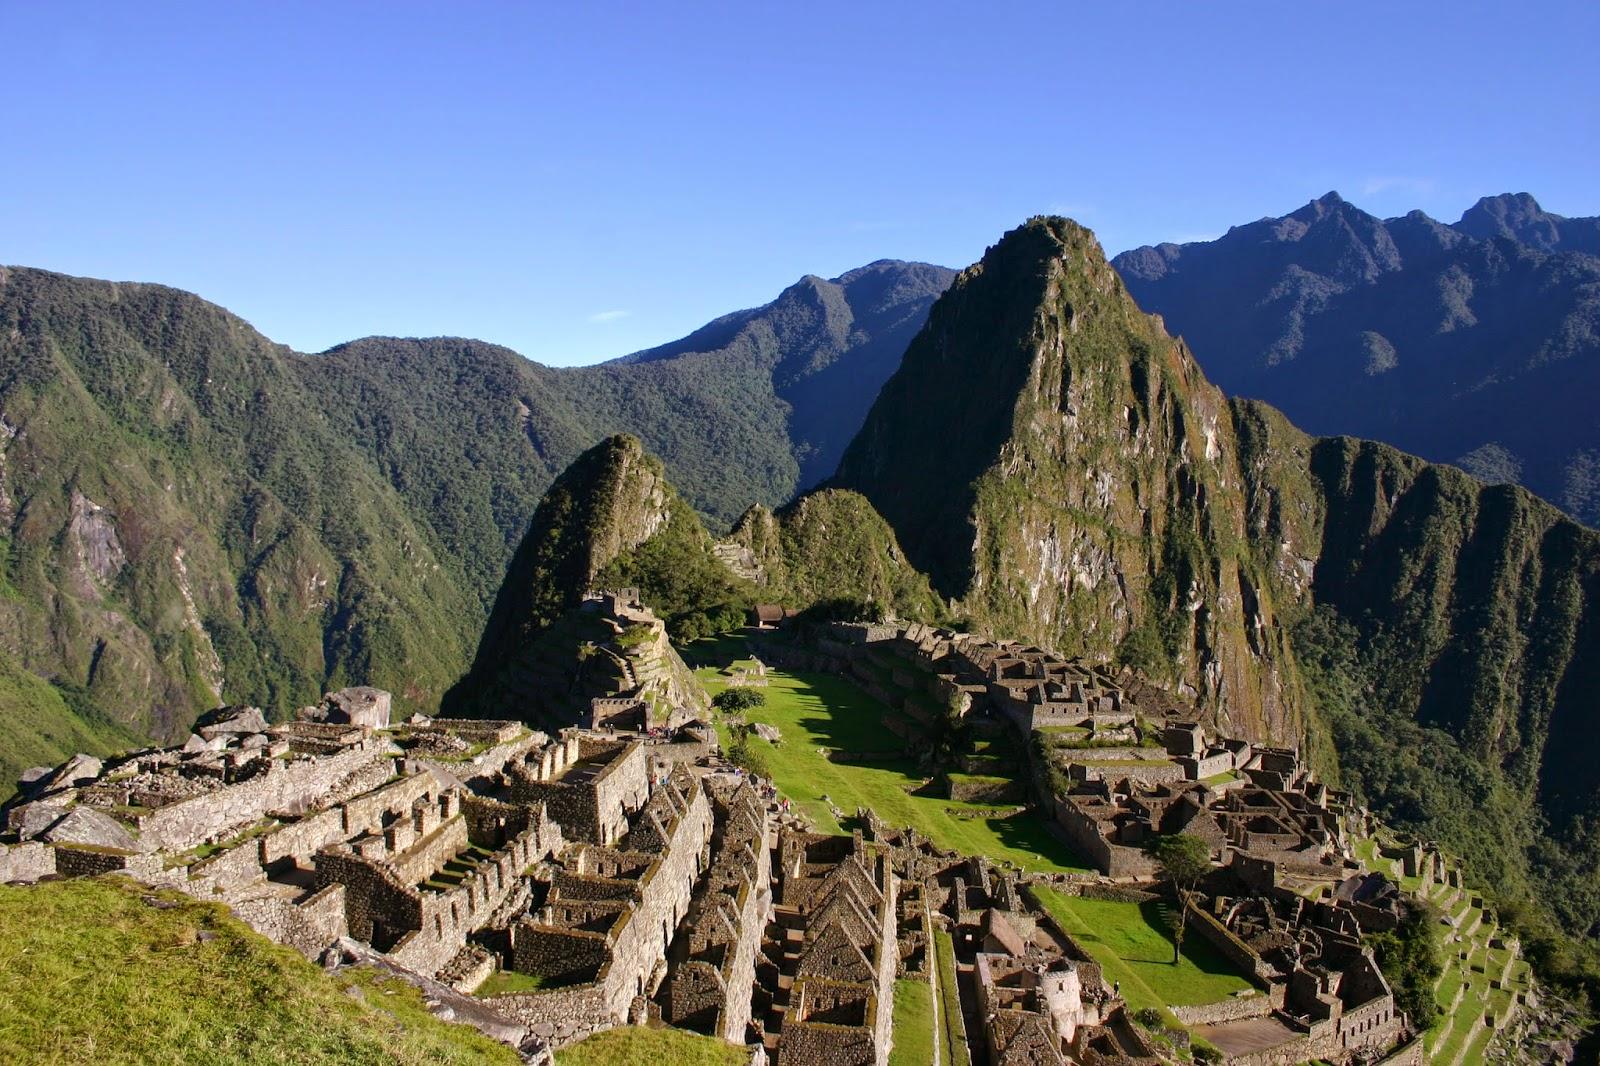 Tempat Wisata Dunia Machu Picchu Peru